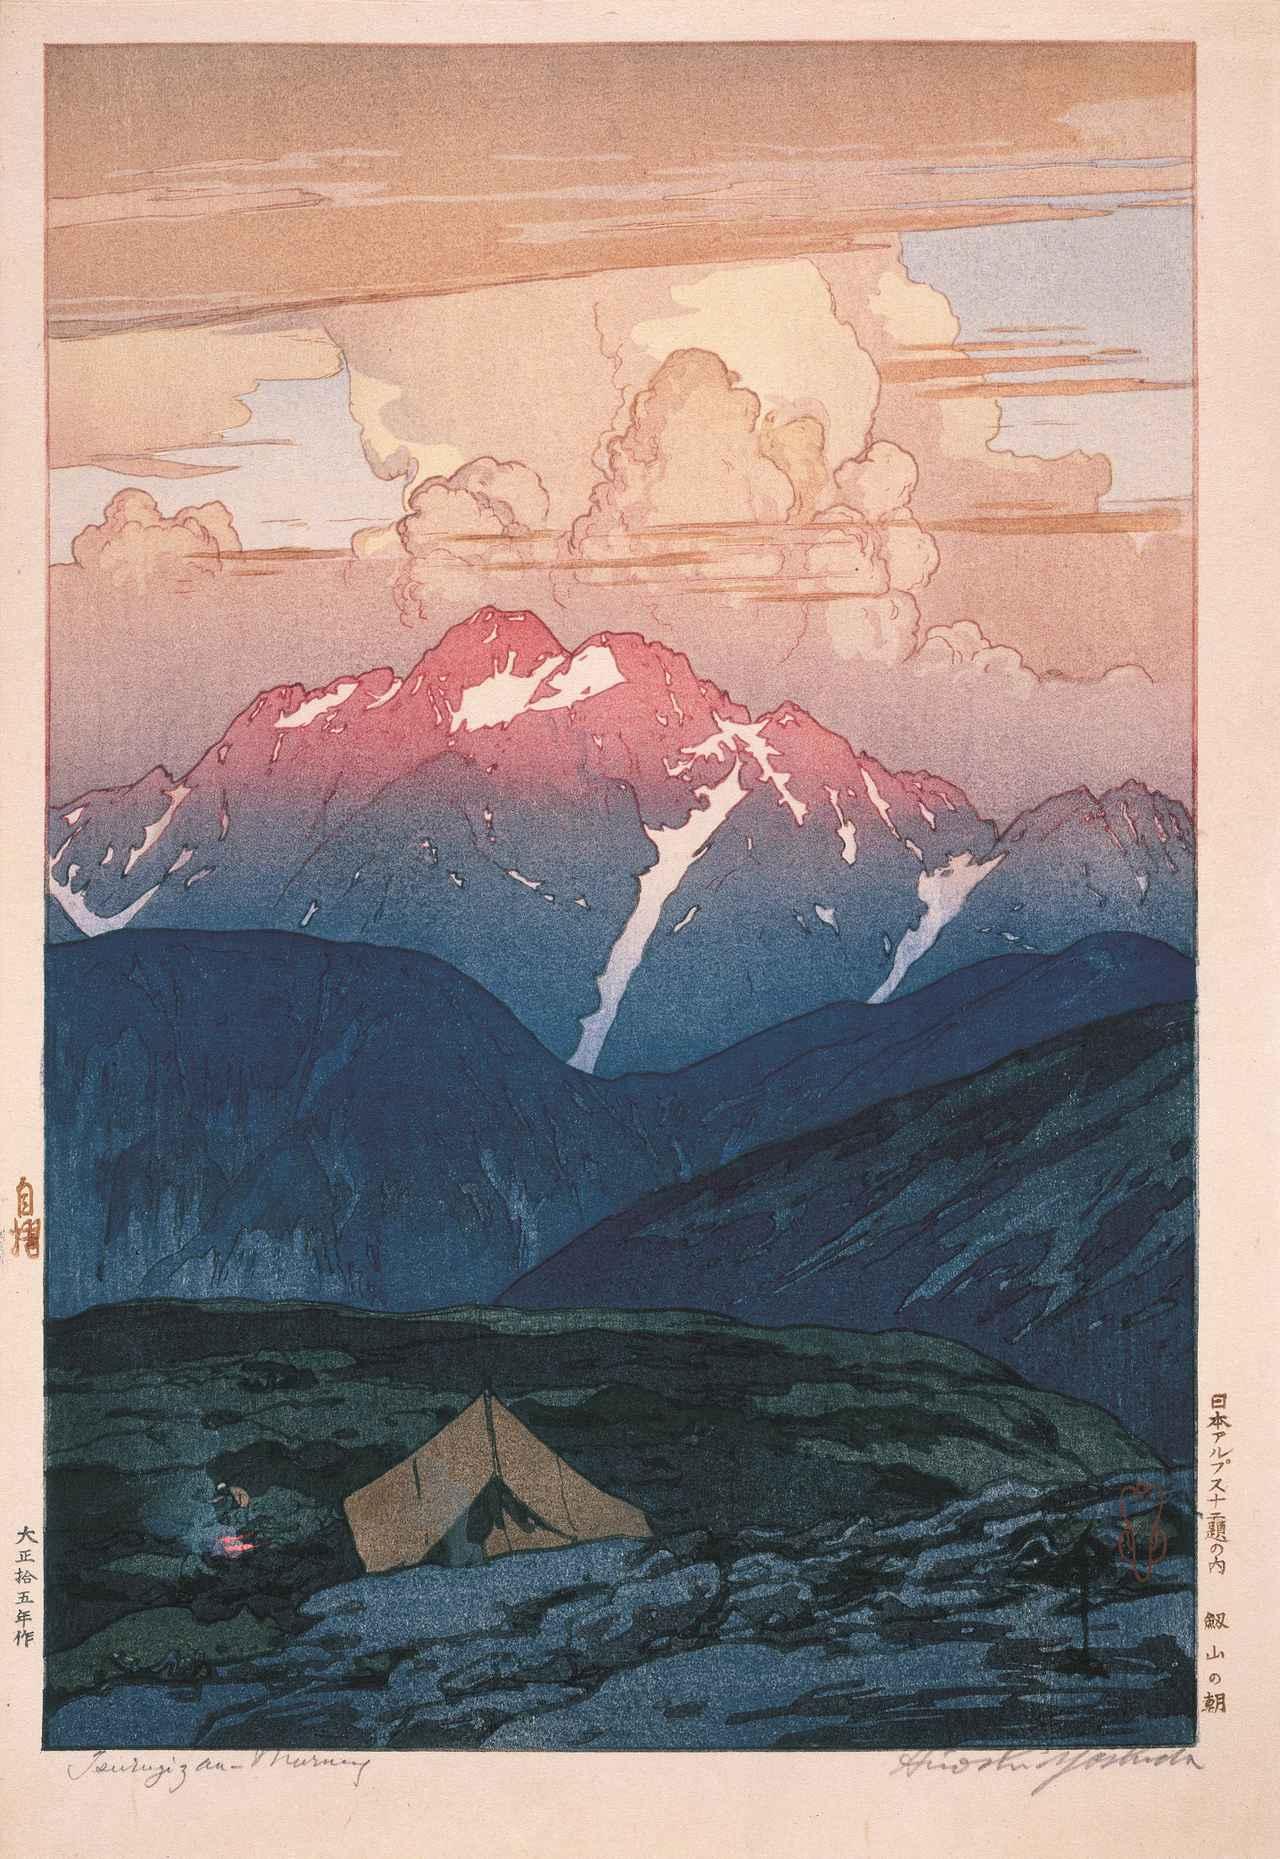 画像: 《日本アルプス十二題 劔山の朝》 大正15(1926)年 木版、紙 37.0×24.8cm